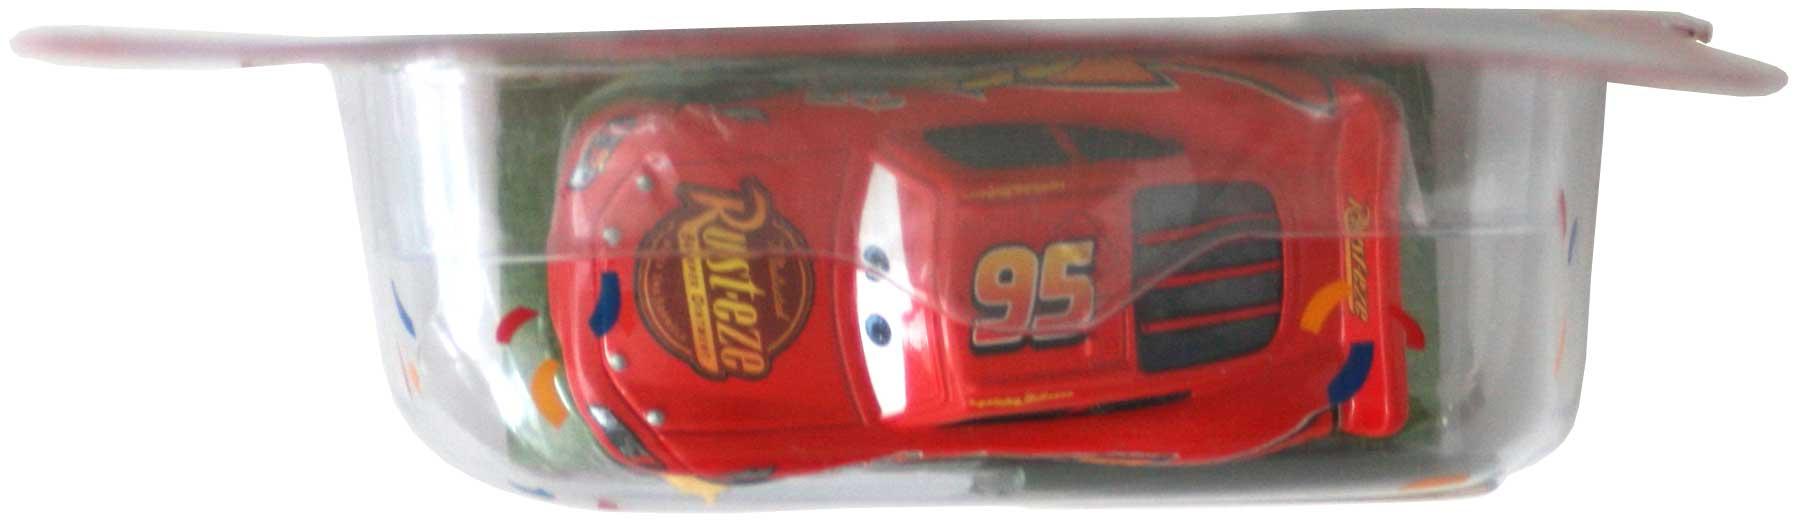 Mattel : Race O Rama - Jaune N°073 - Flash McQueen avec sabot